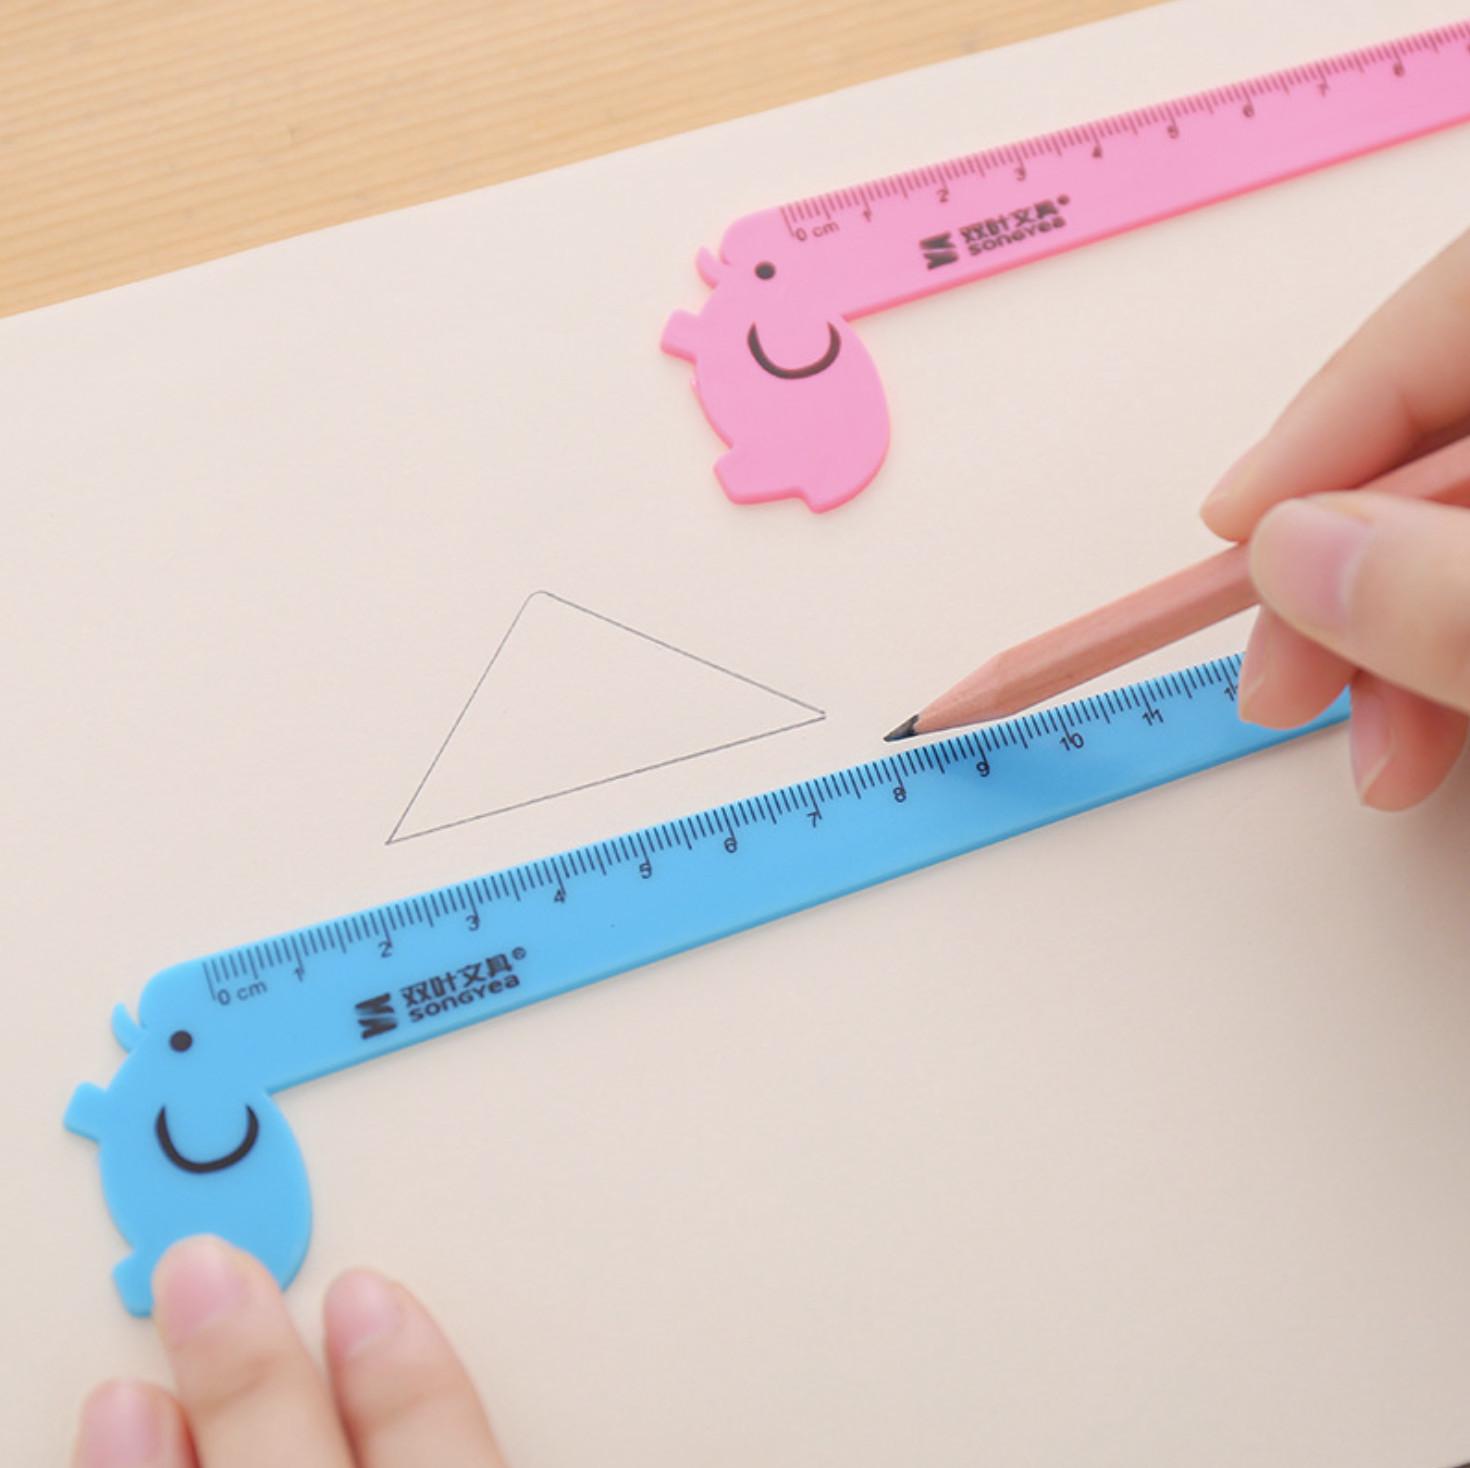 Thước Kẻ Học Sinh Hình Hươu Cao Cổ Cute - Thước Kẻ Nhựa Chiều Dài 15cm ( phát ngẫu nhiên )